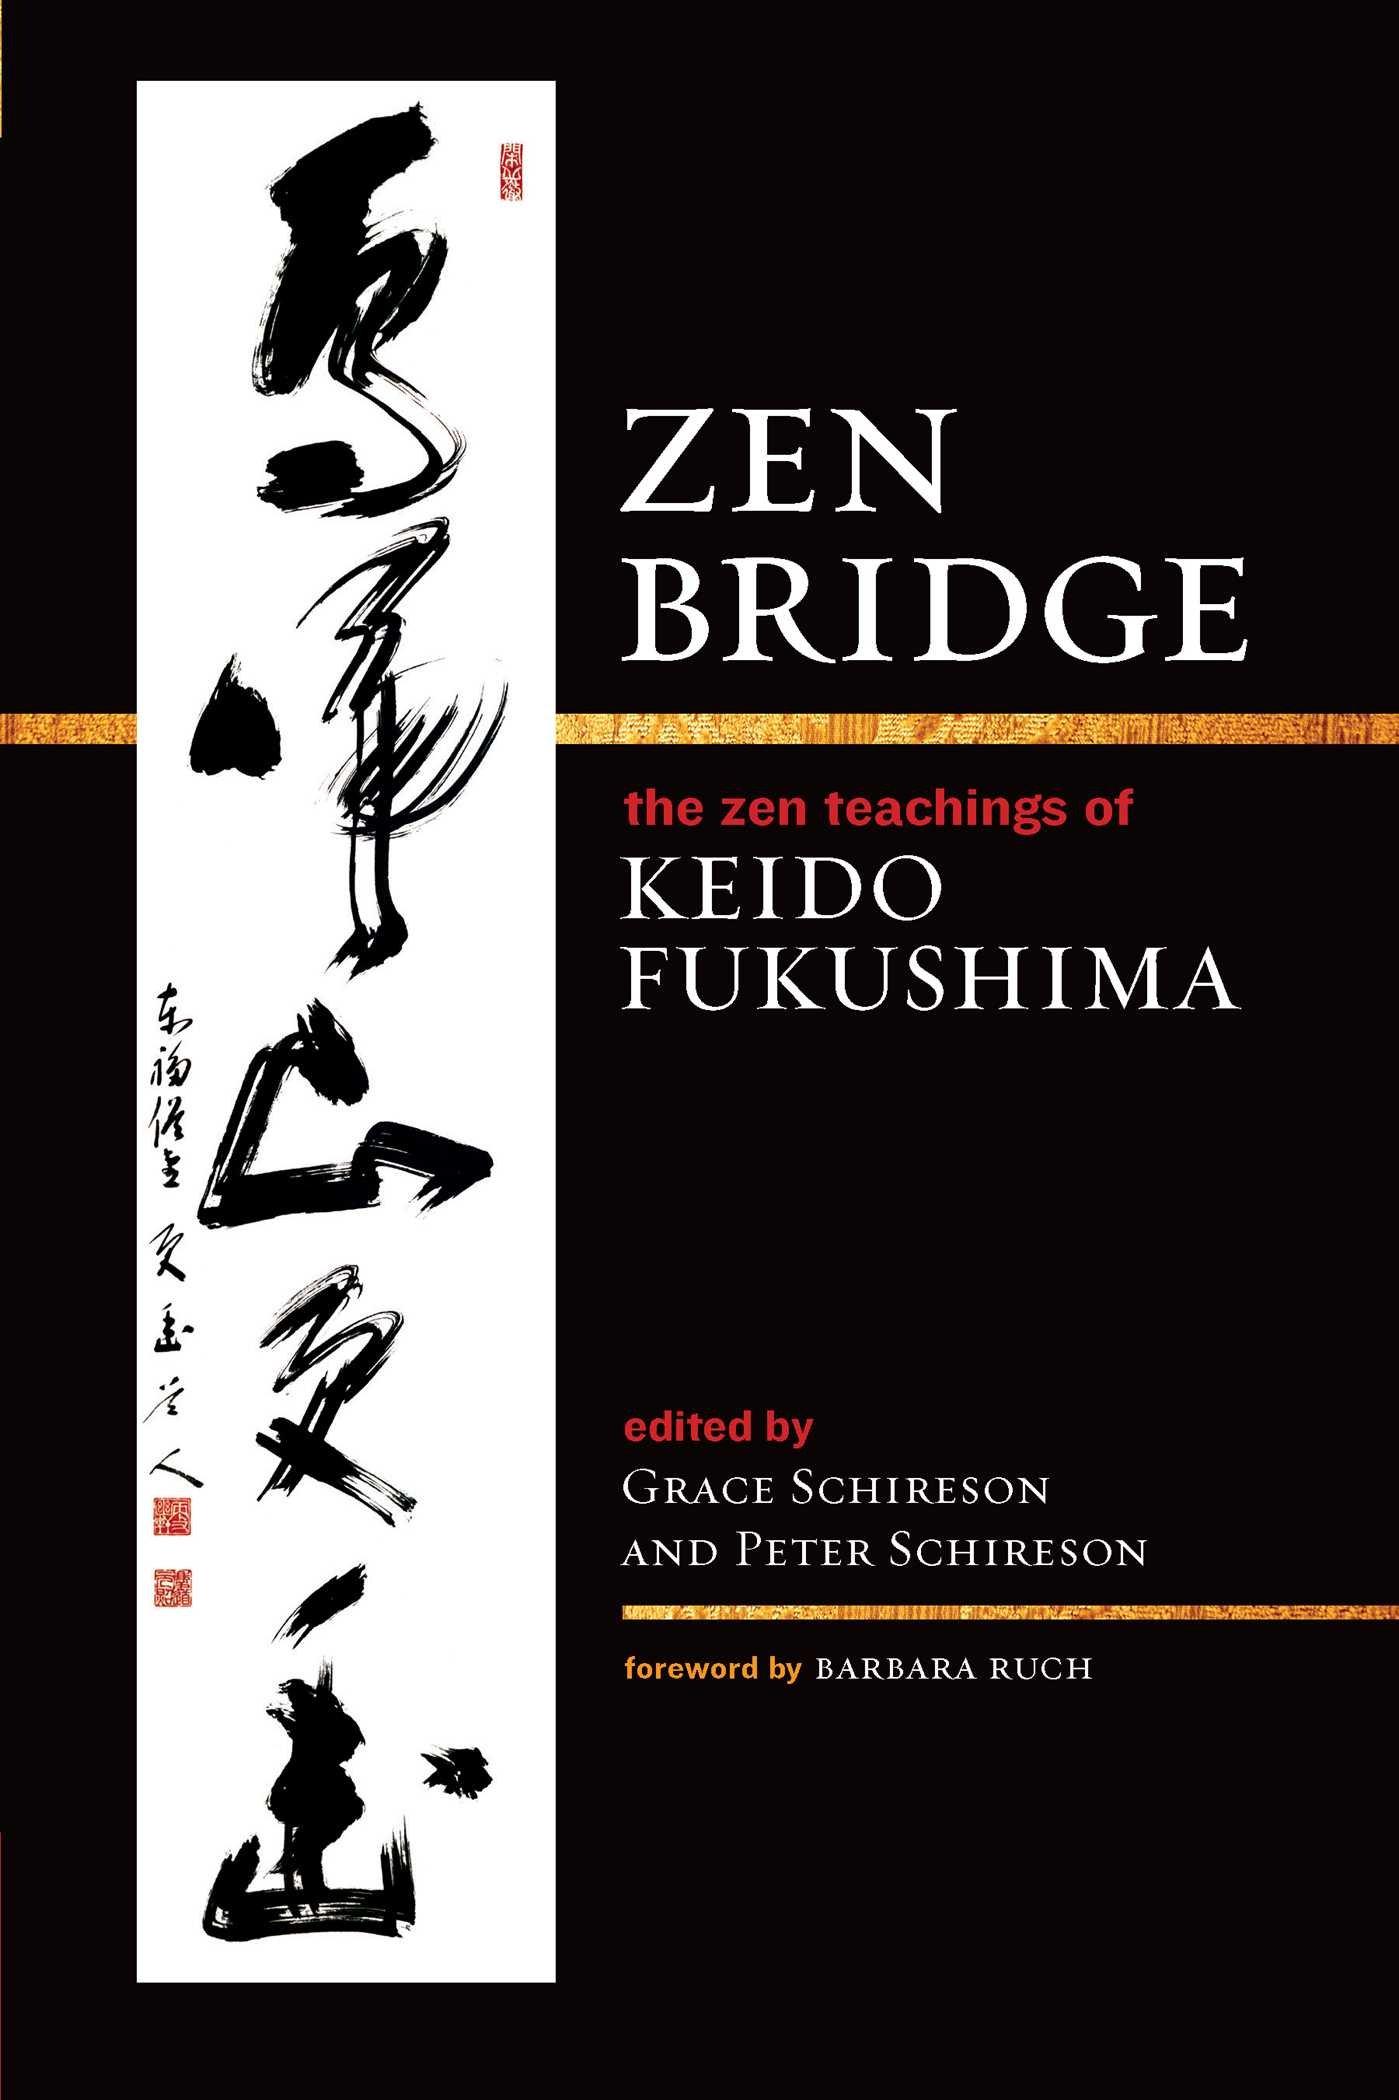 Amazon Zen Bridge The Zen Teachings Of Keido Fukushima